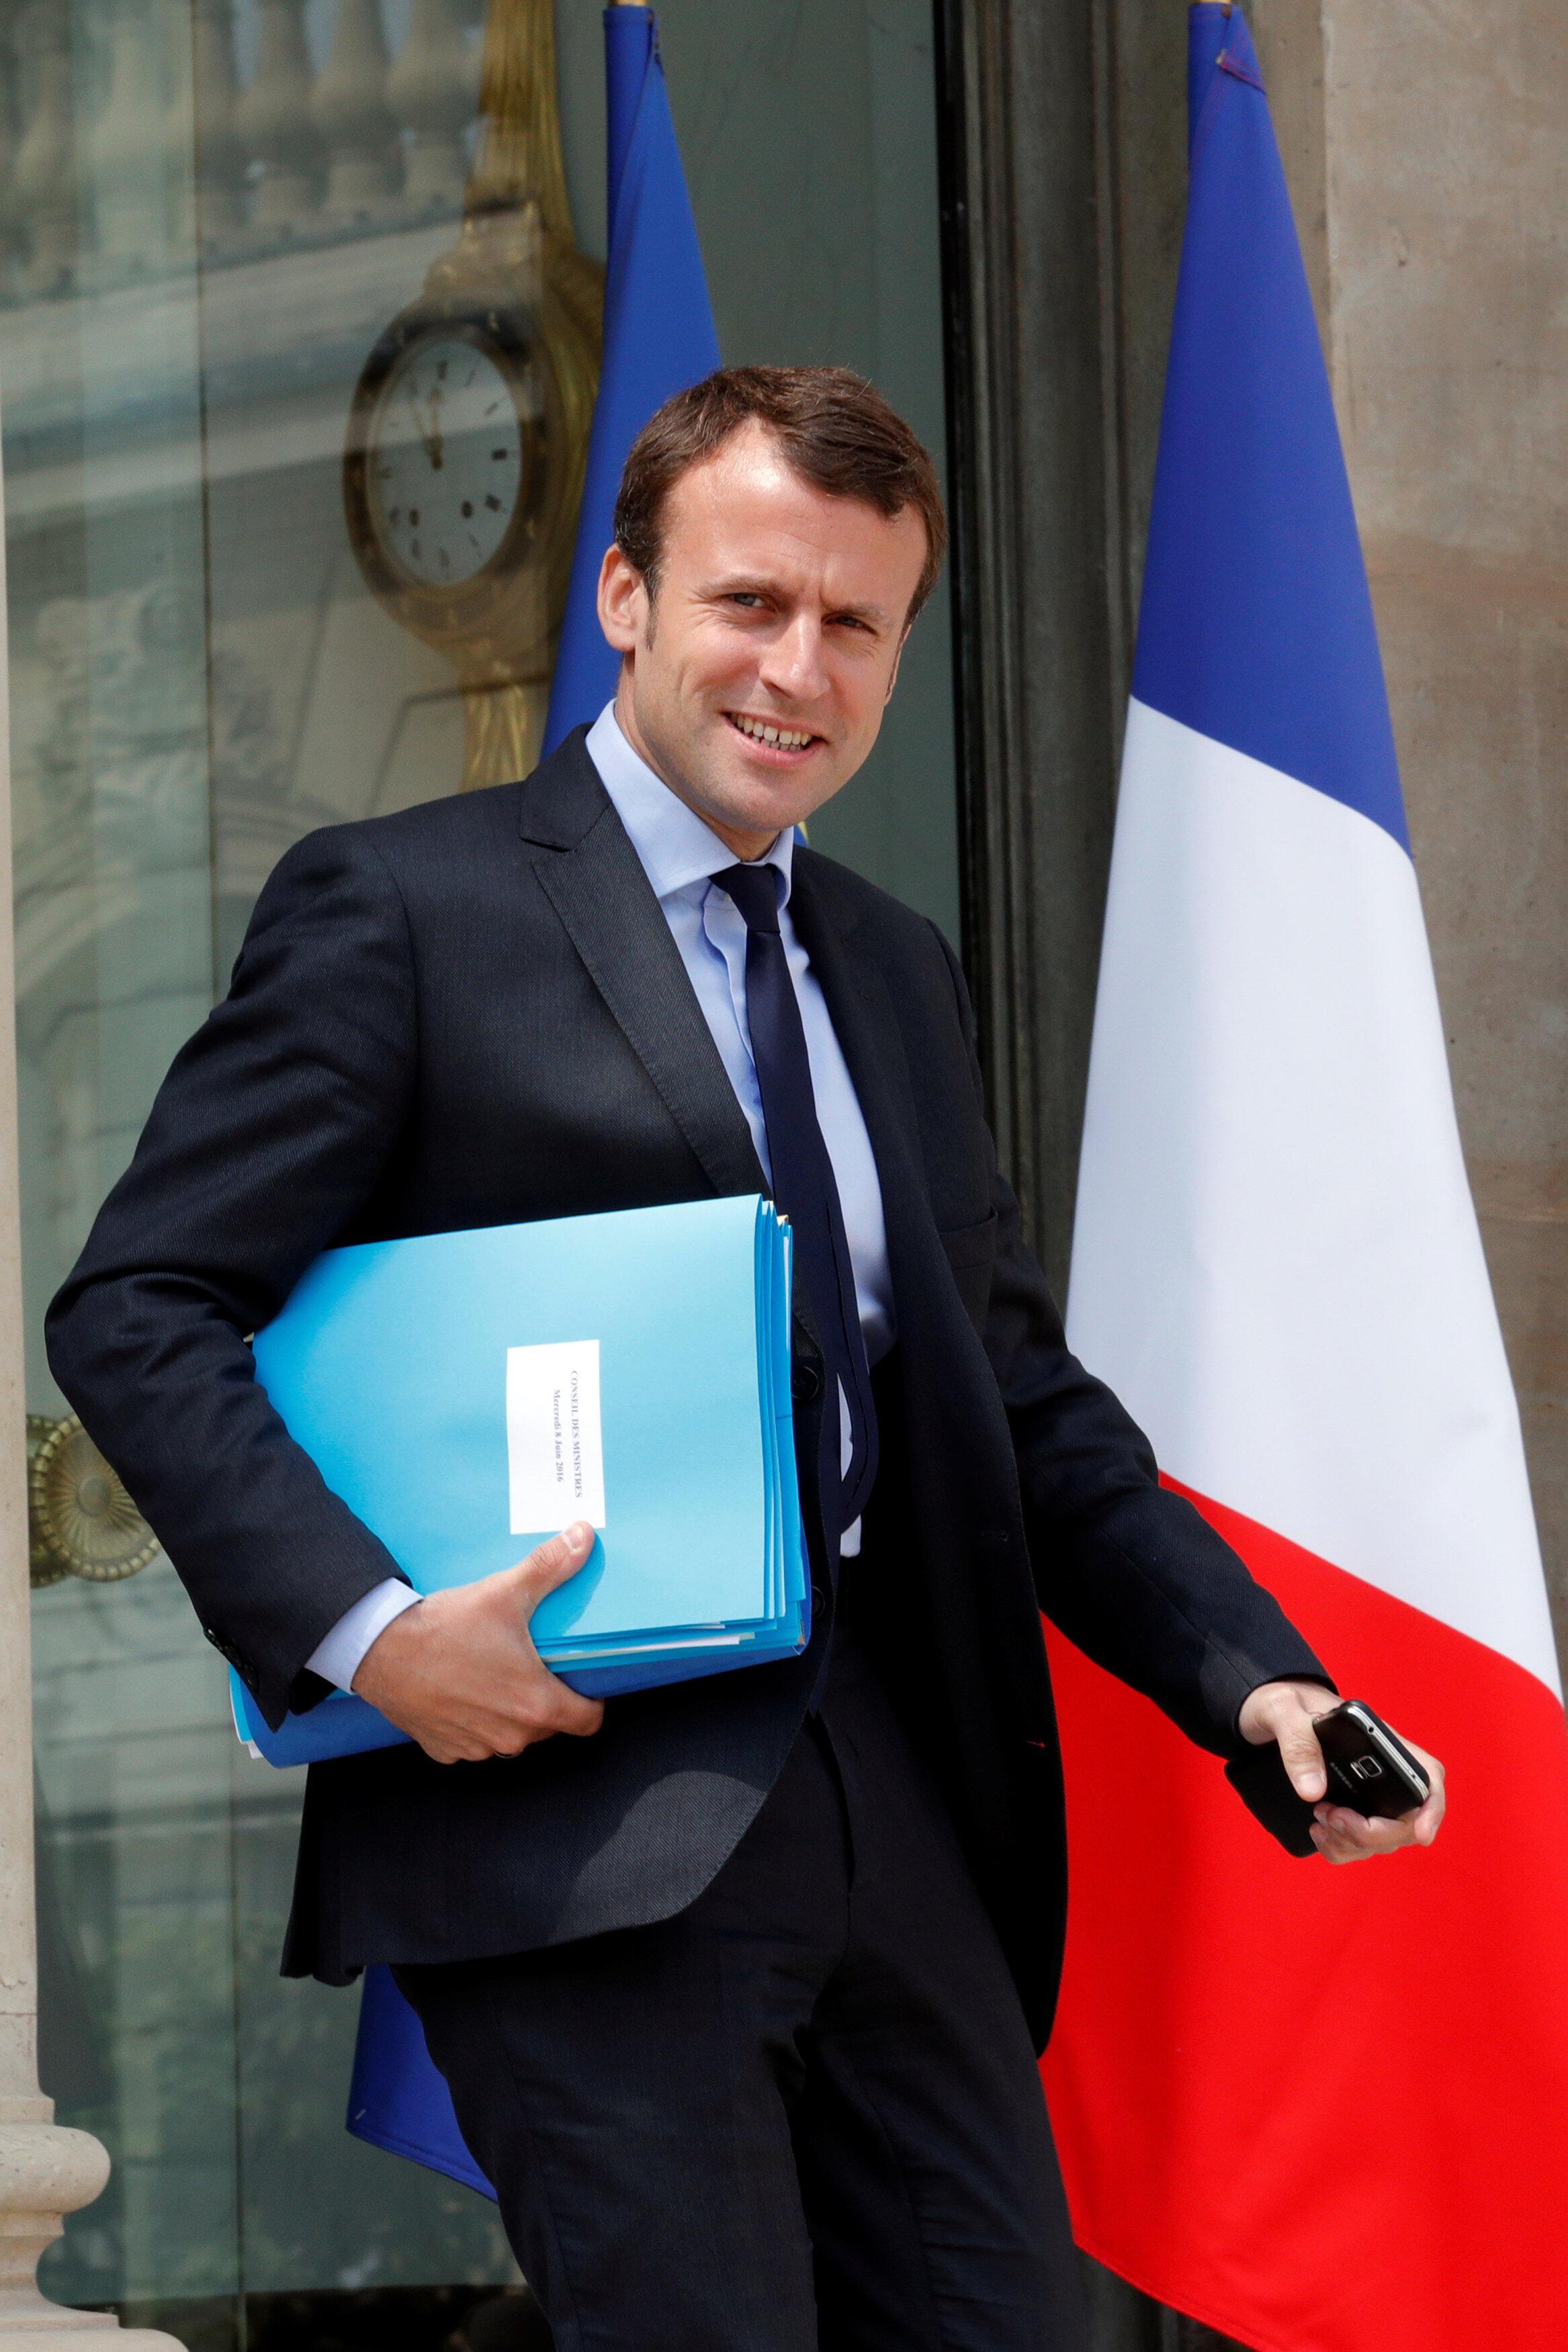 Le ministre français Emmanuel Macron, le 8 juin 2016.